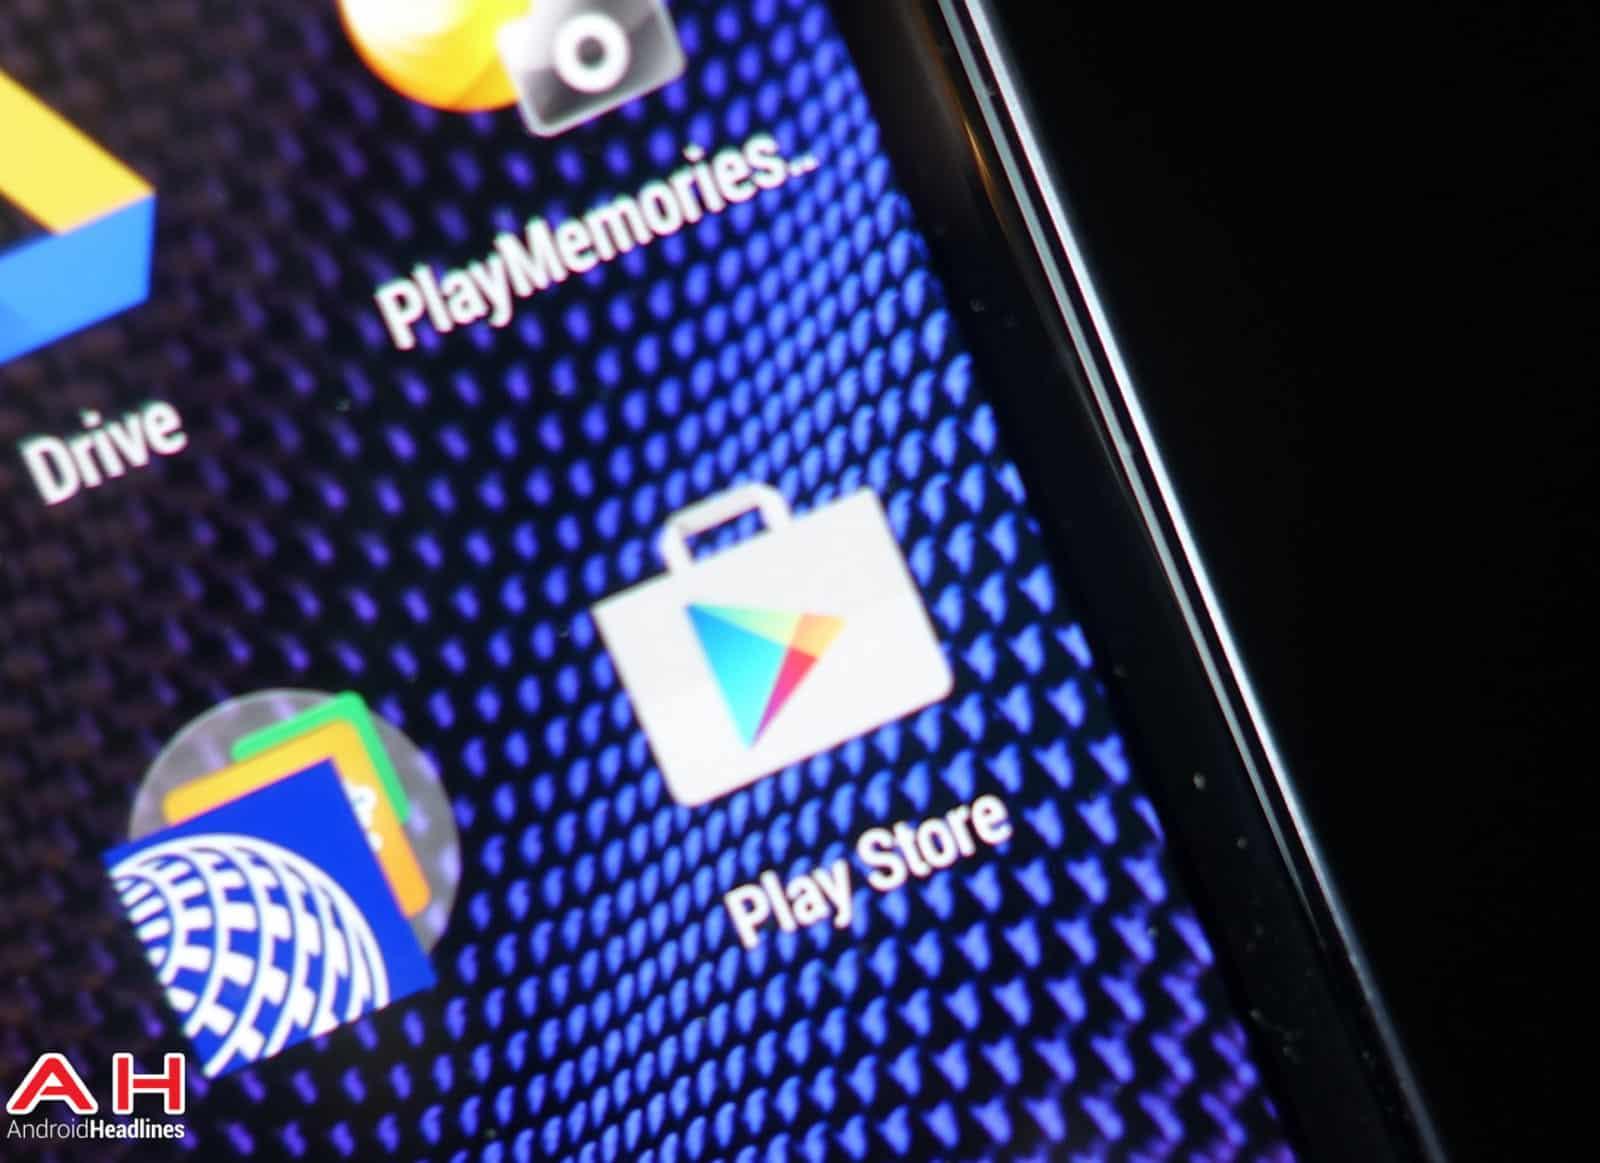 Google-Play-Store-AH-03619